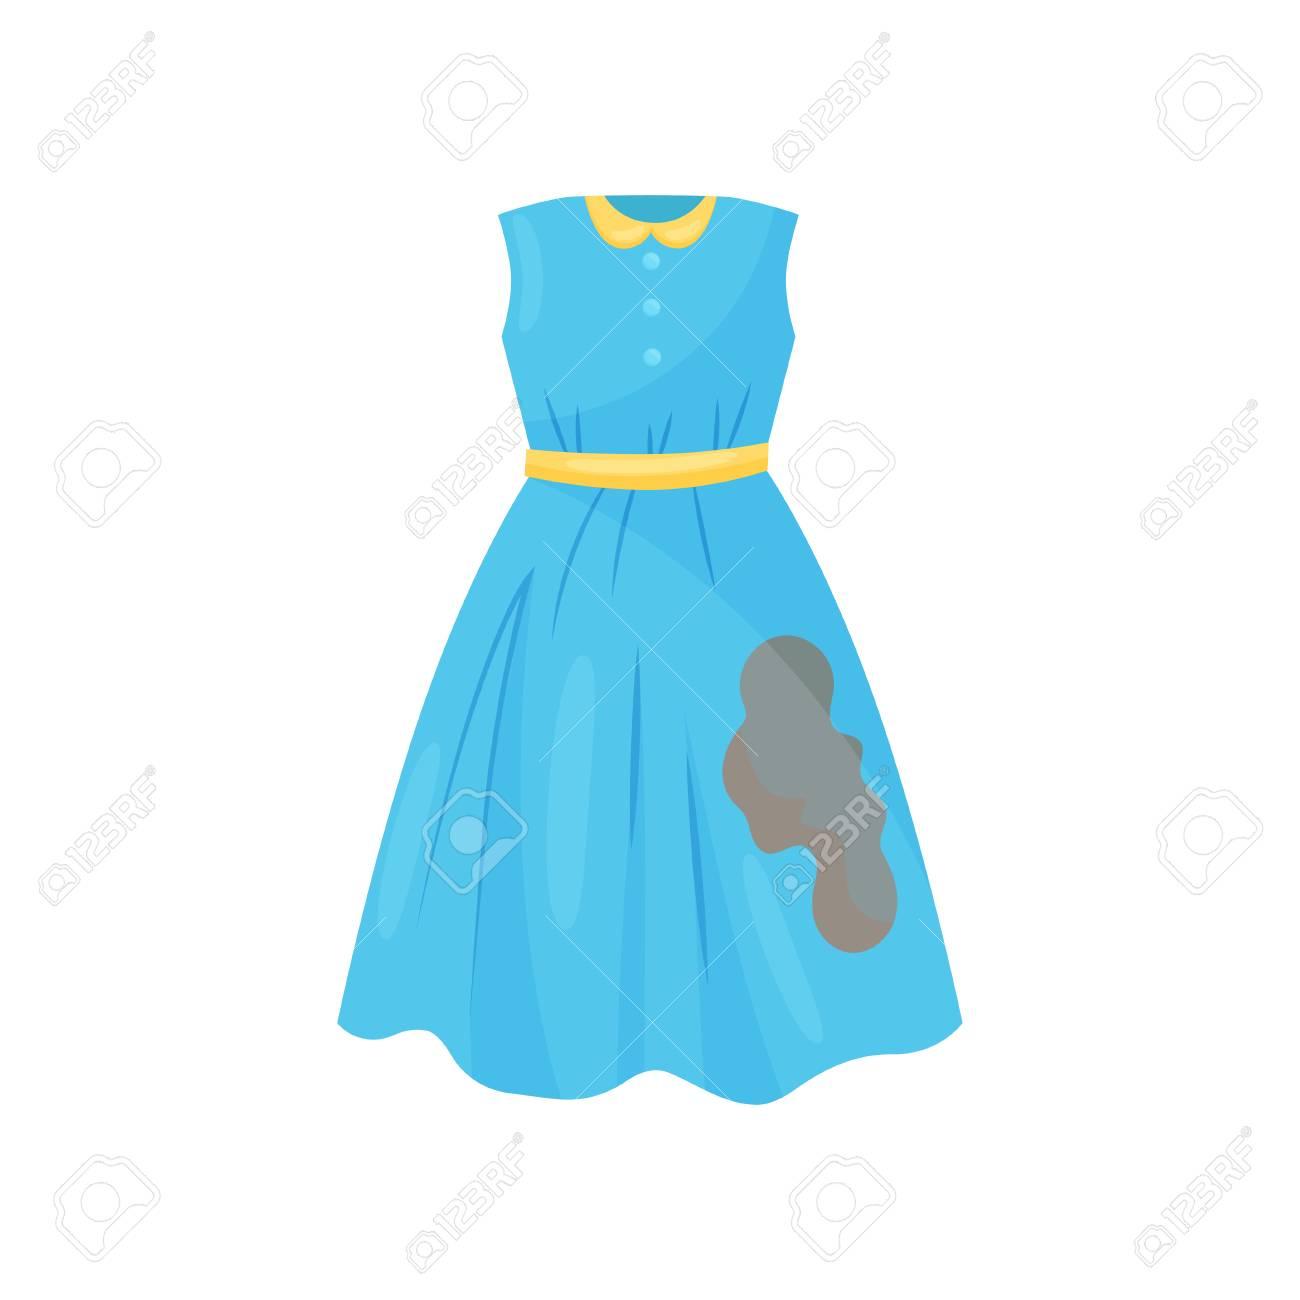 blue dress cartoon